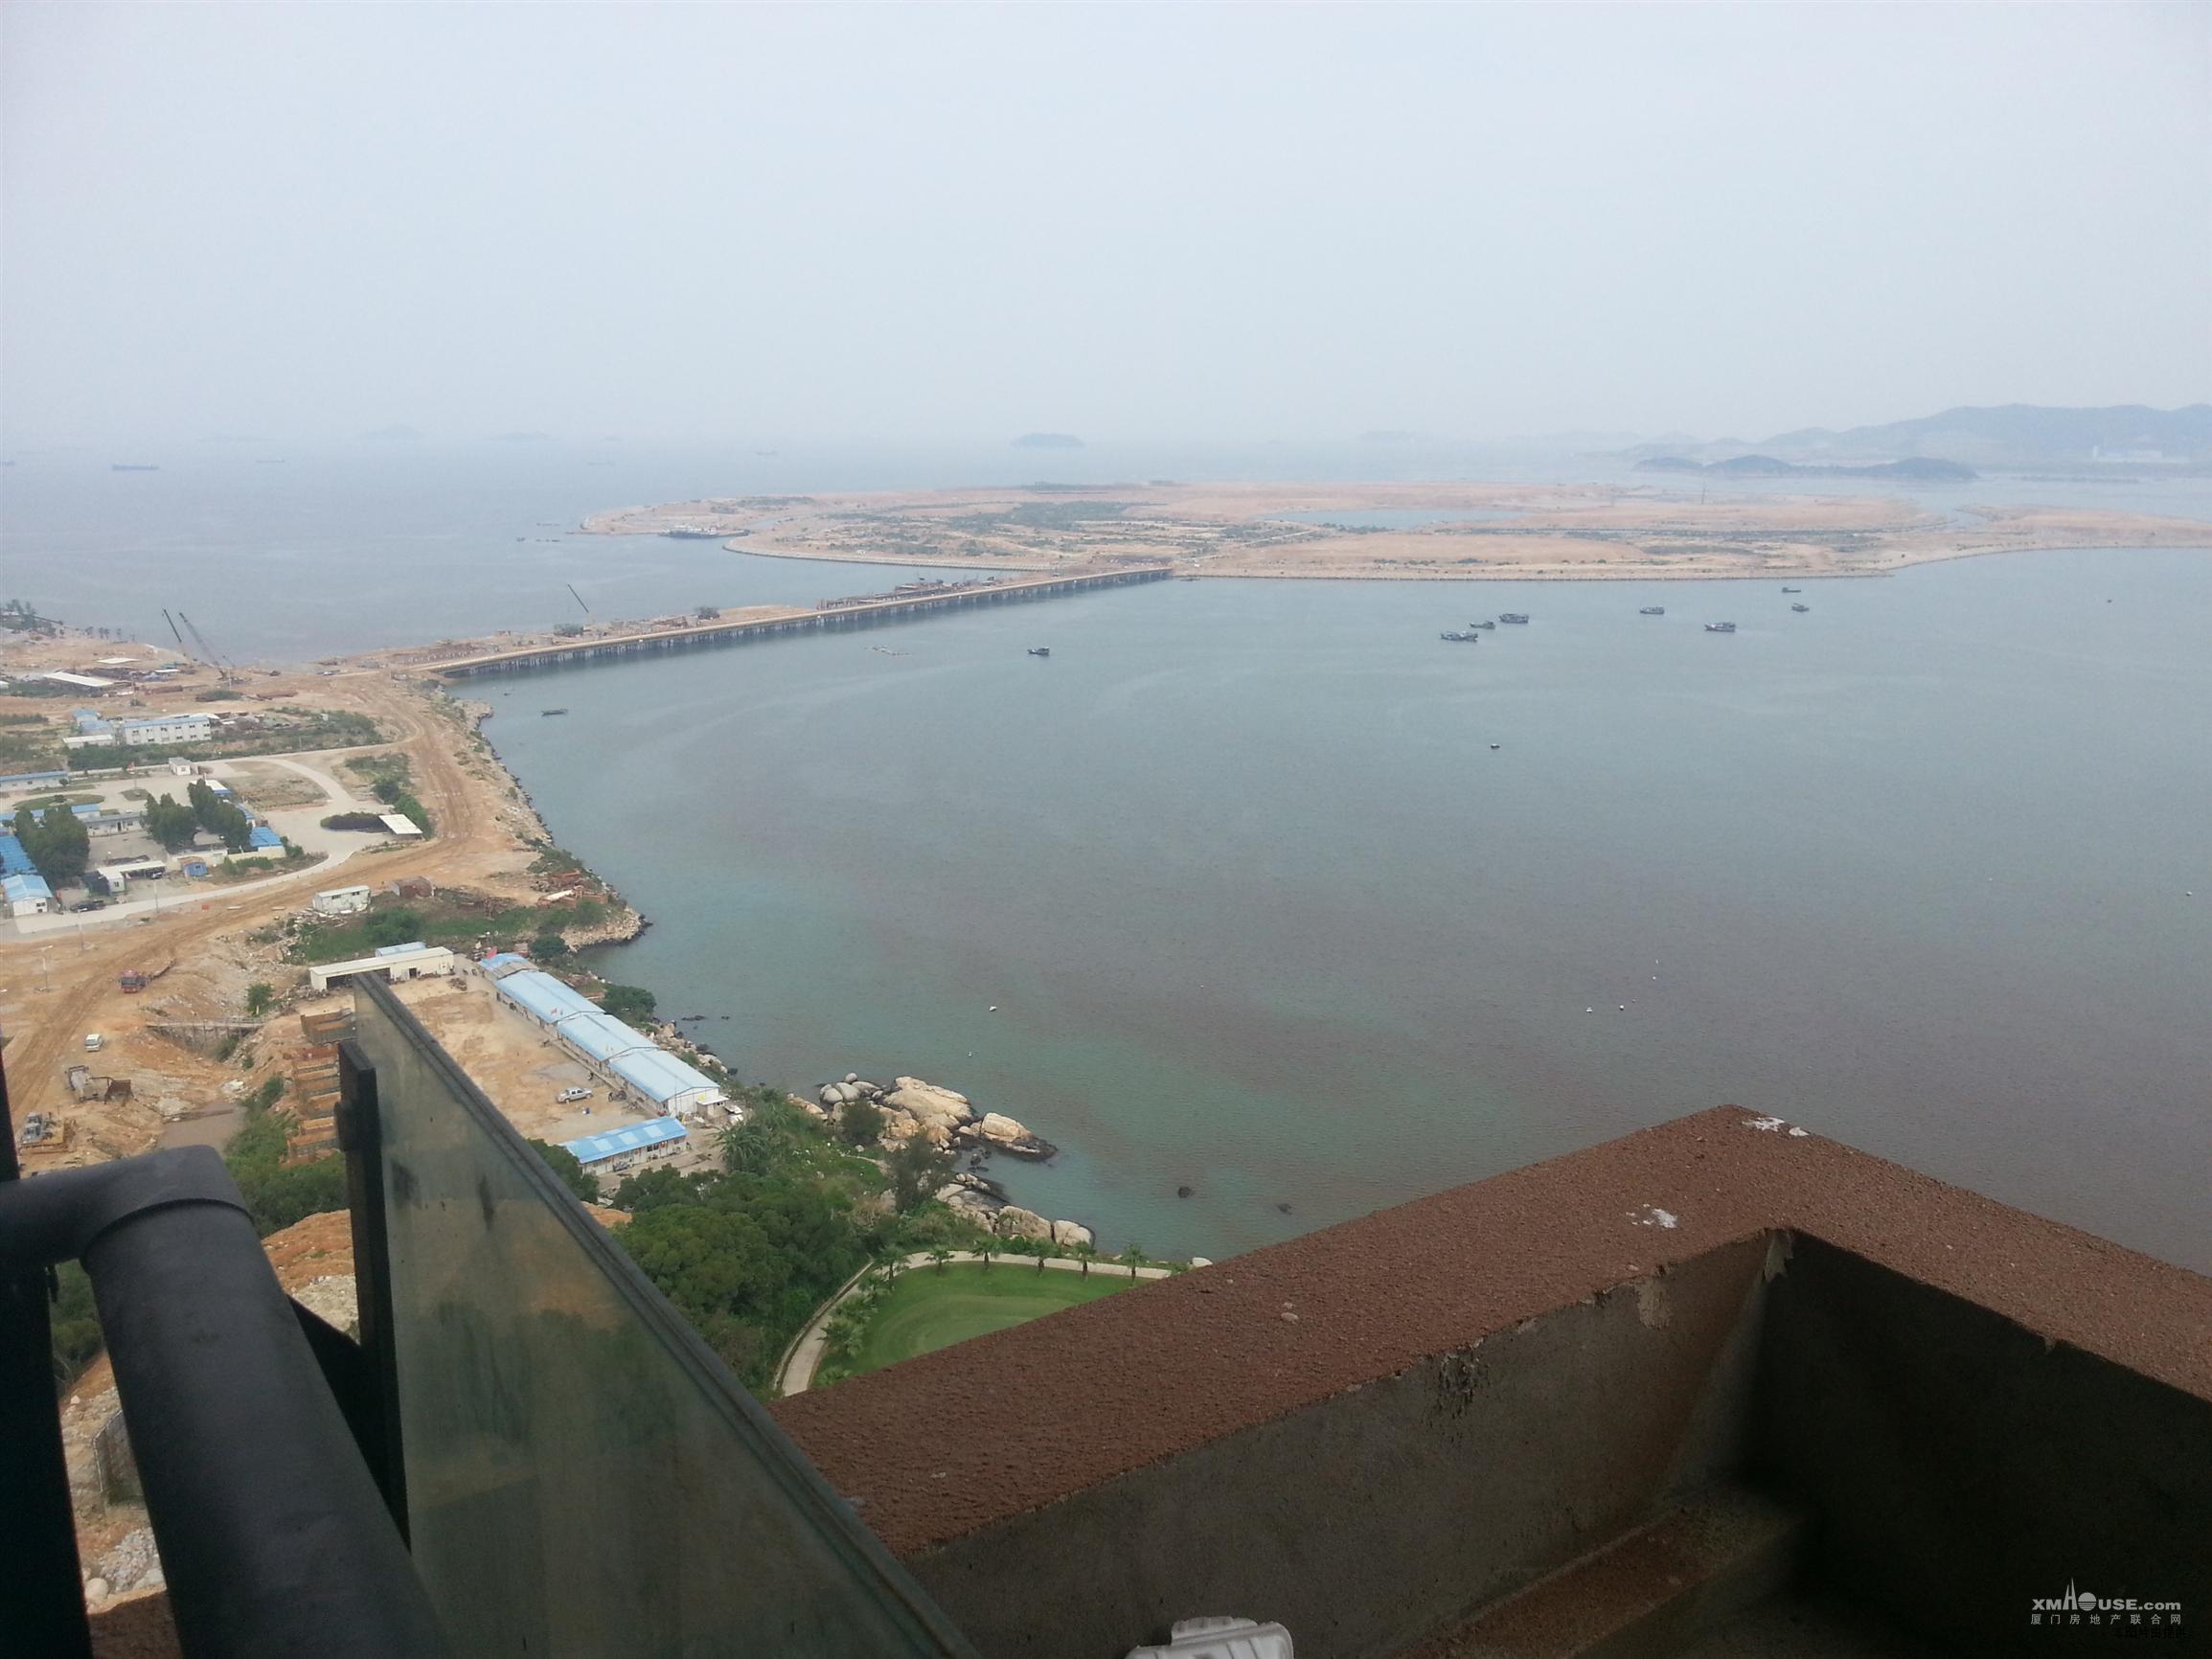 漳州港澎湖湾高尔夫球场28层相邻2套海景房出售   房源总览 房源照片